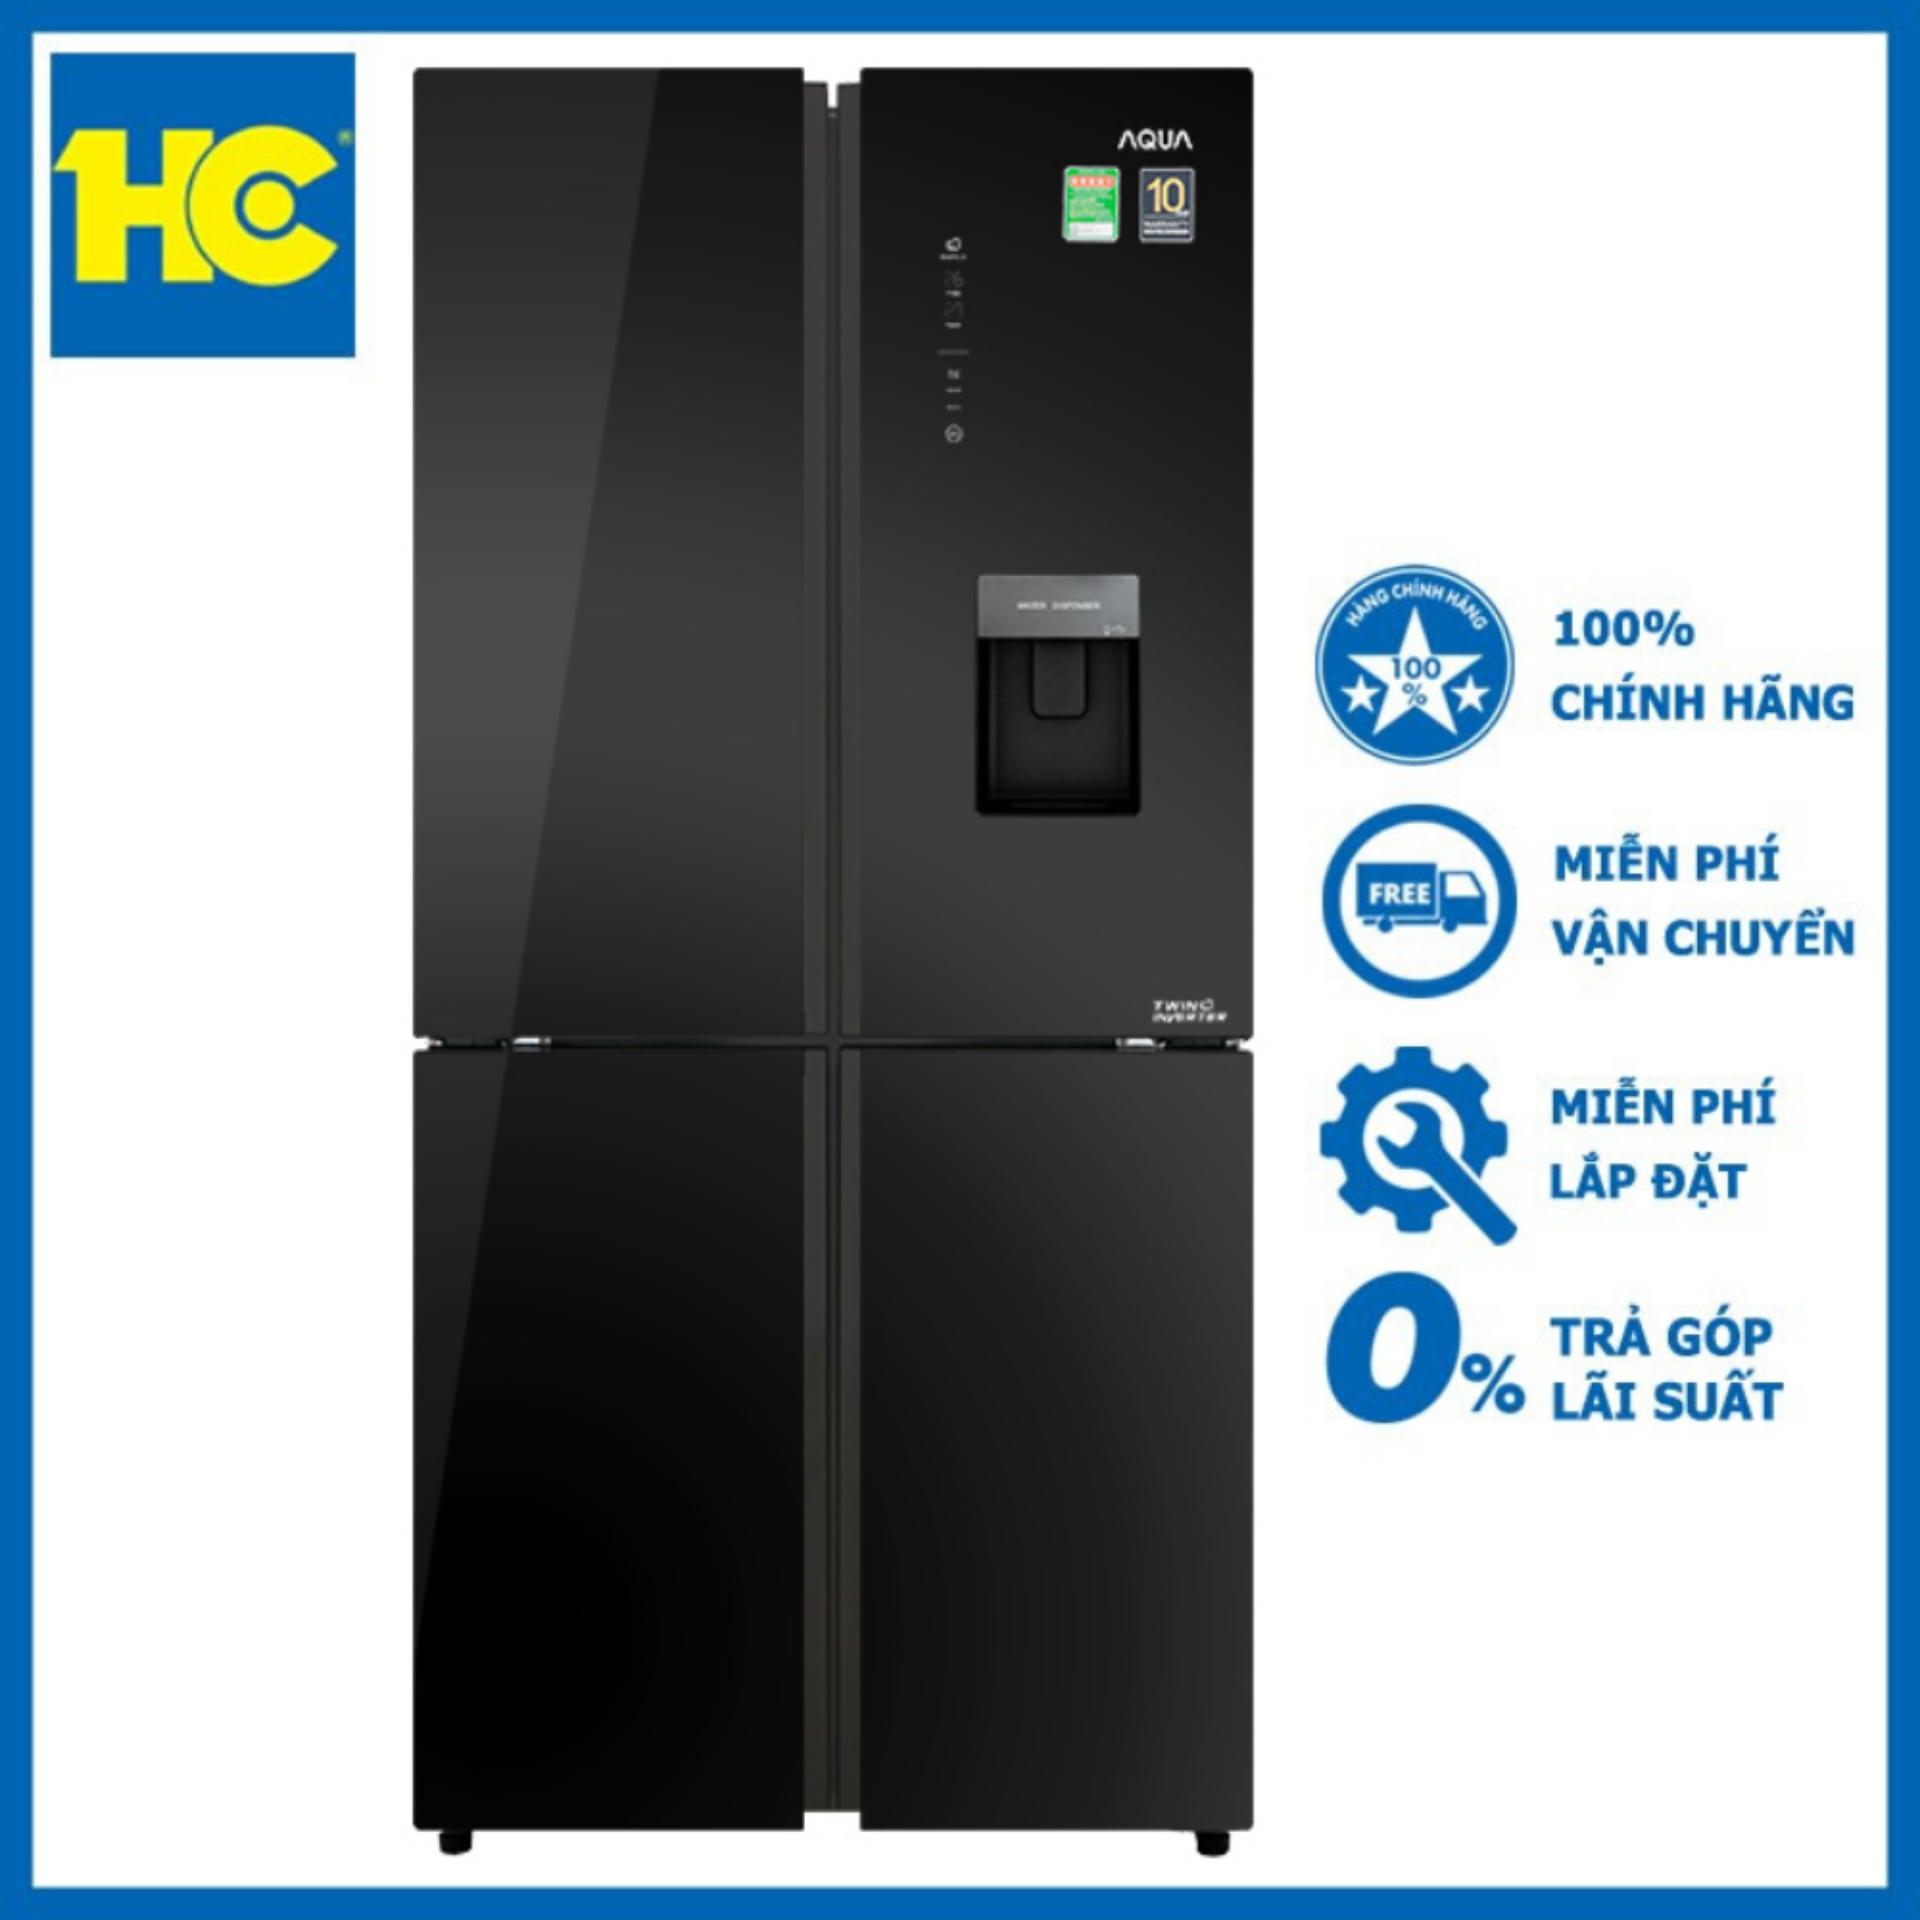 Tủ lạnh Aqua Inverter 456 lít AQR-IGW525EM(GB) ?en – Miễn phí vận chuyển & lắp đặt – Bảo hành chính hãng